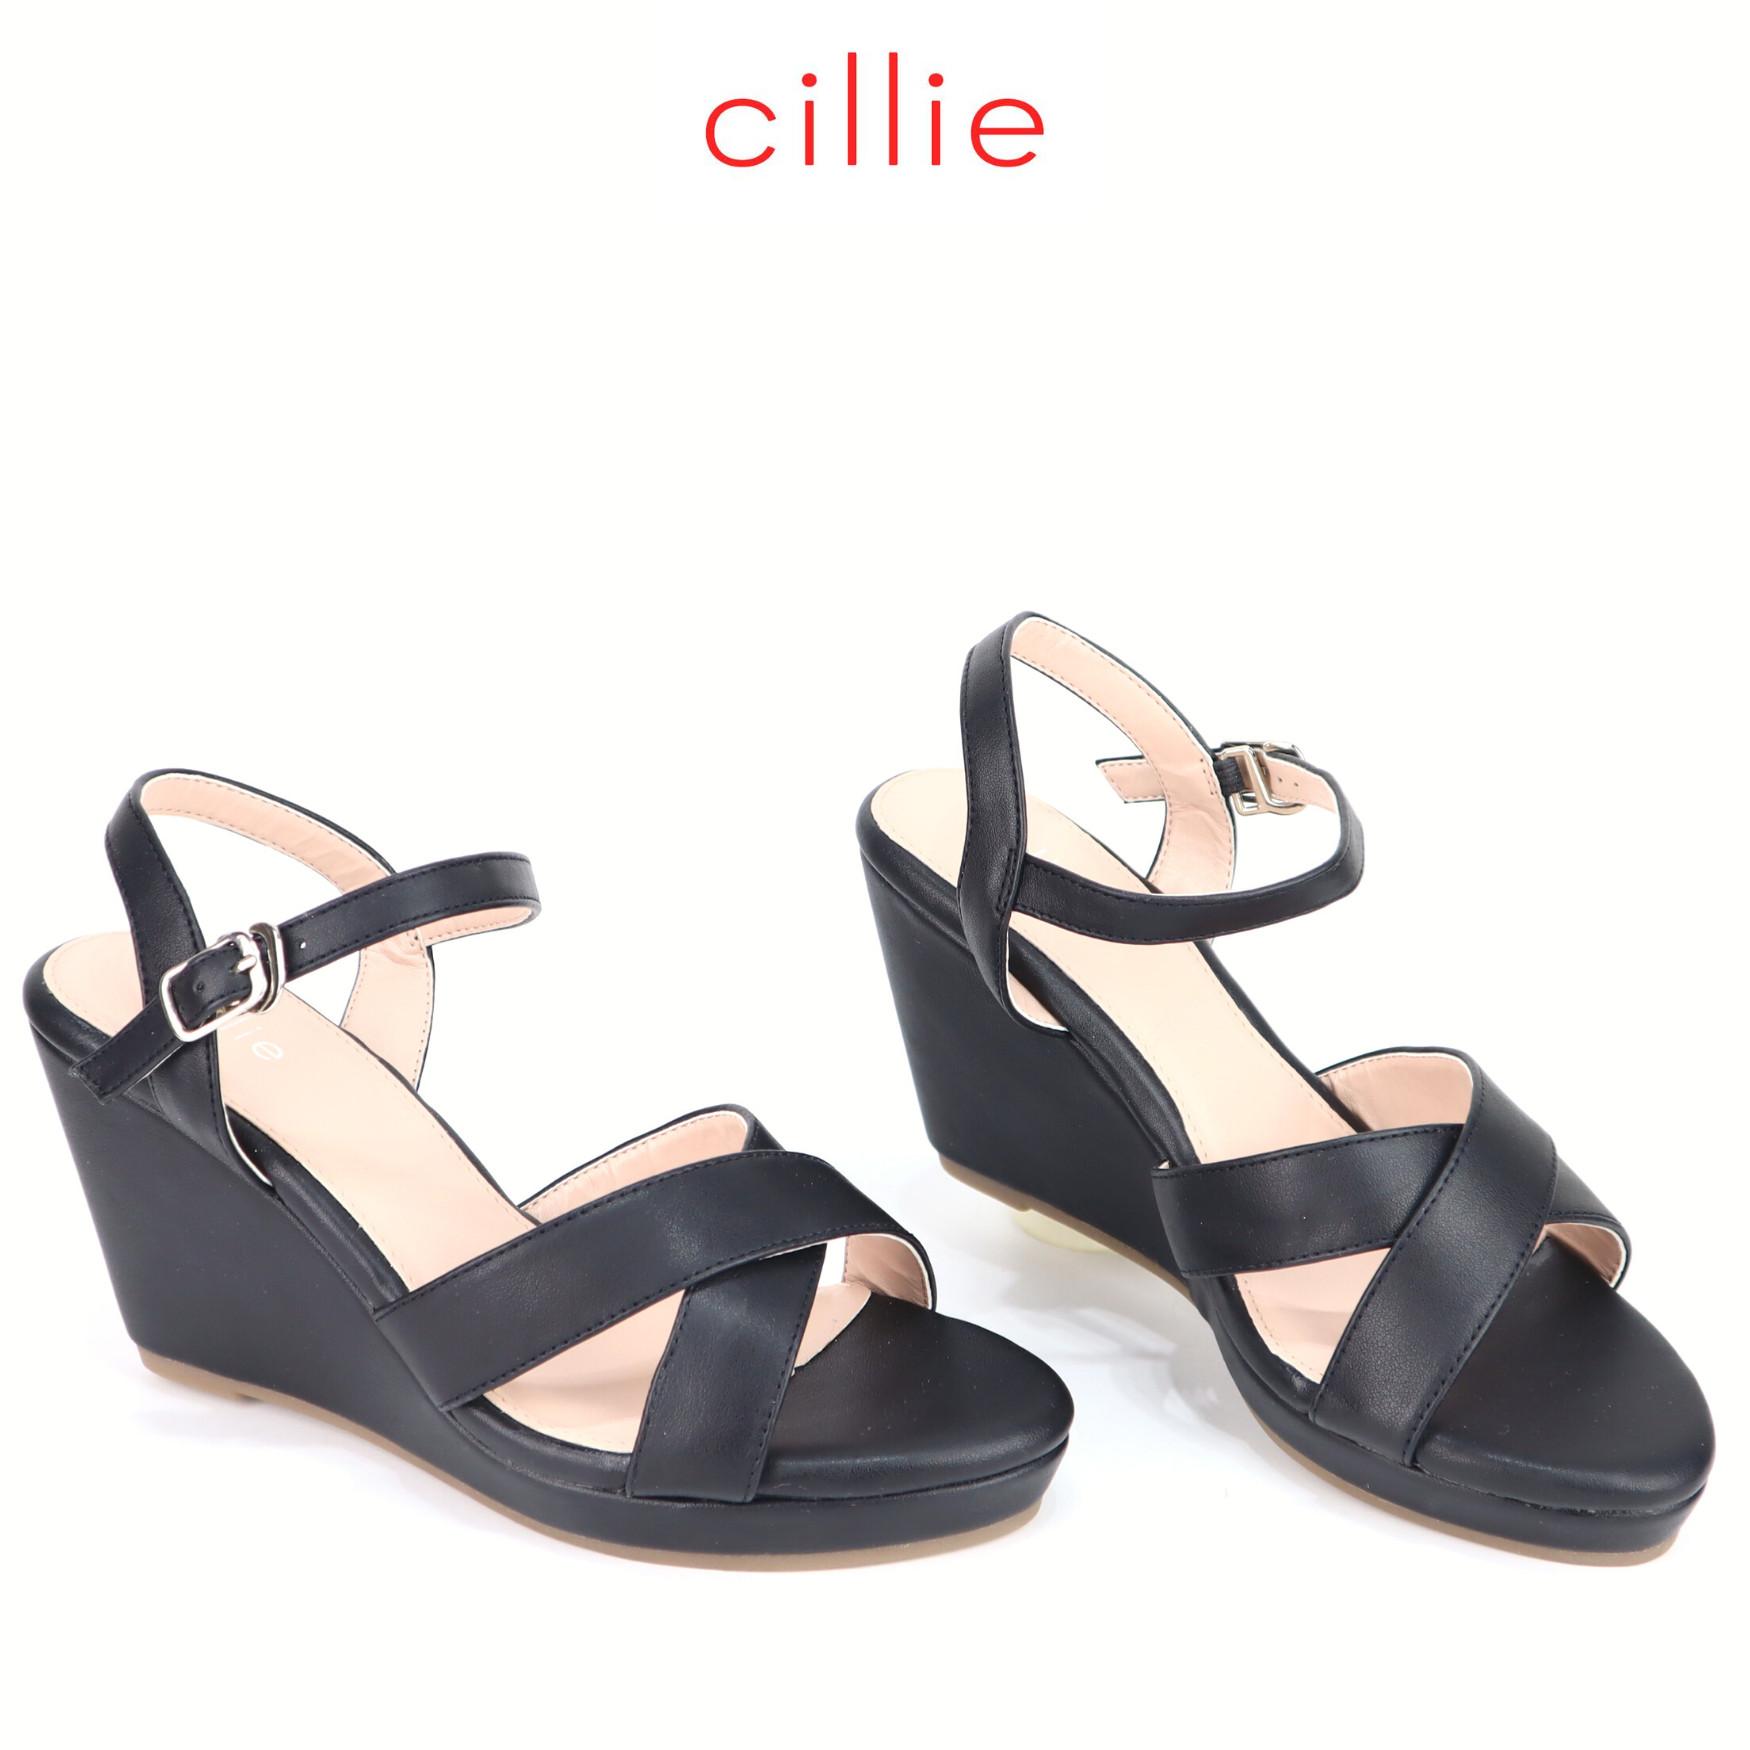 Giày sandal đế xuồng cao 9cm quai chéo Cillie 1197 [FORM BÉ - CHỌN LÊN 1 SIZE]